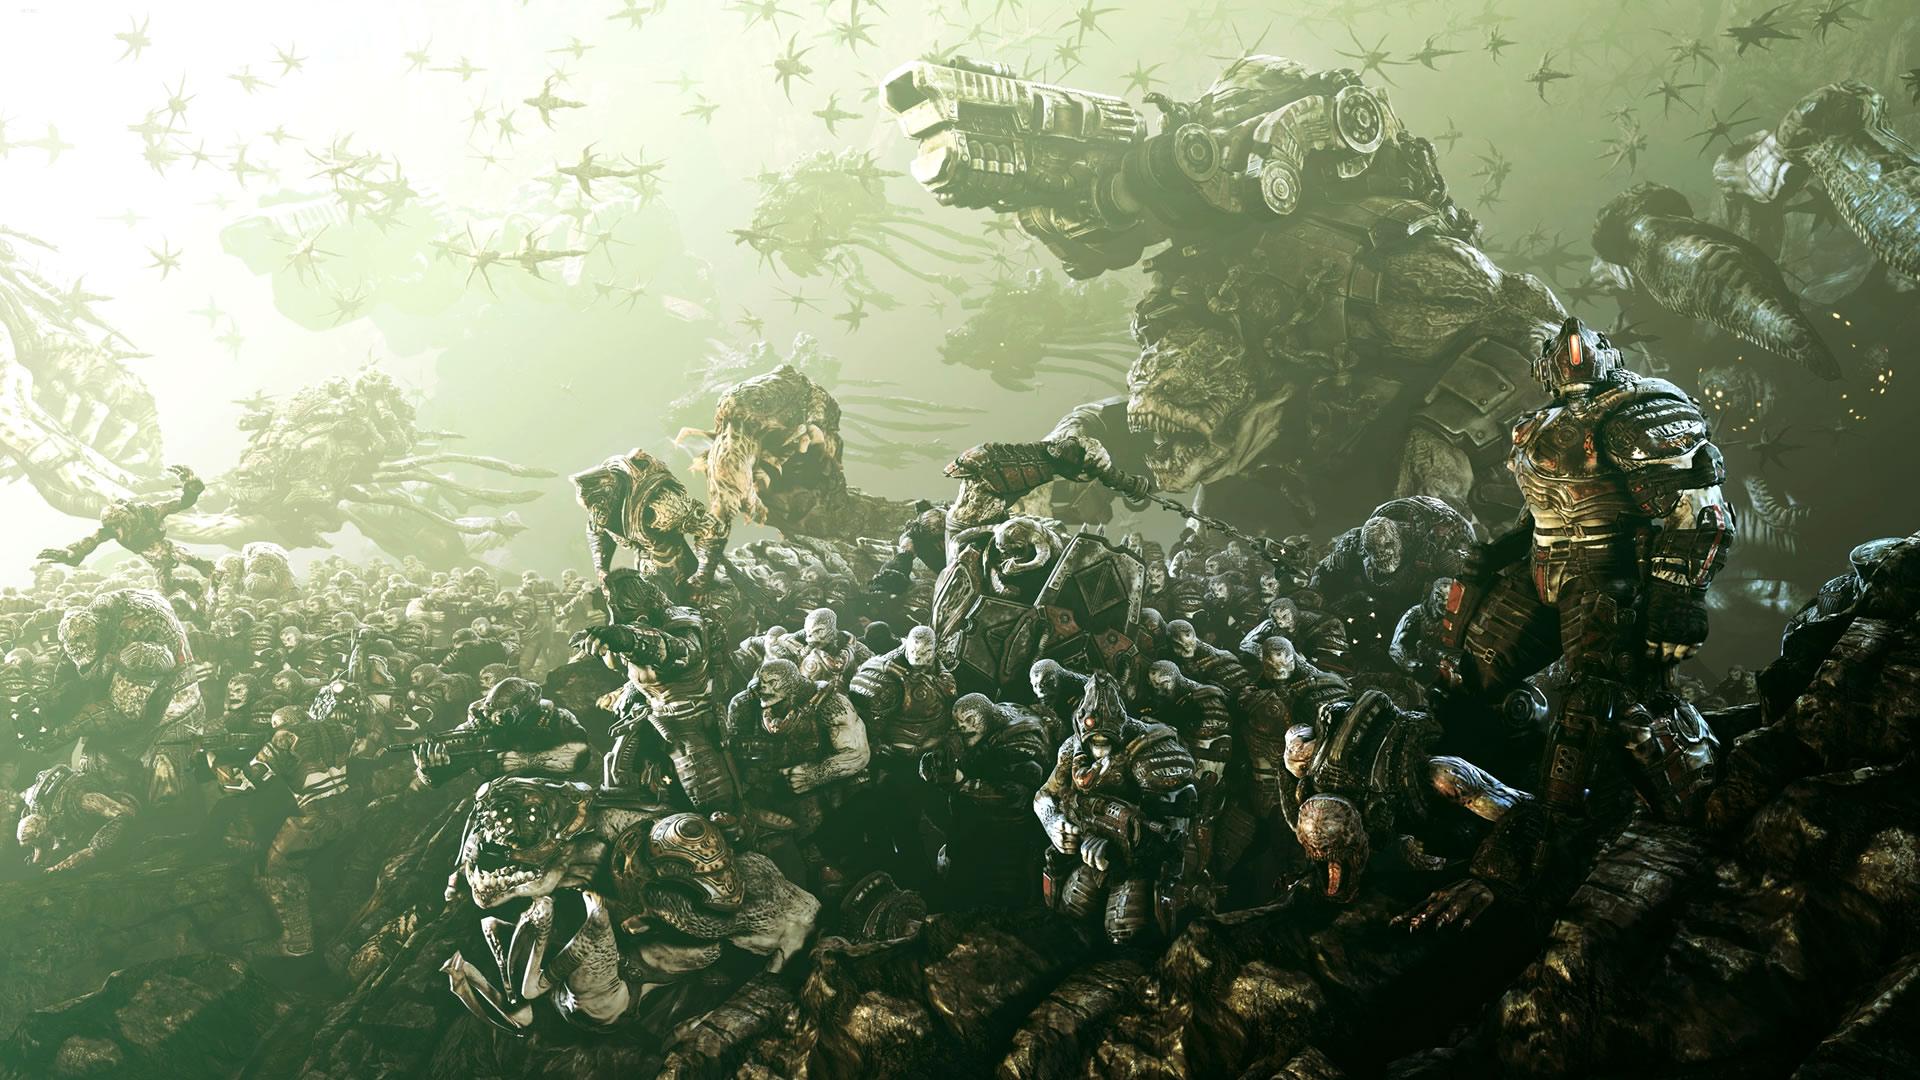 Gears of War 3 wallpaper   3D VideogamesCoolvibe Digital Art 1920x1080